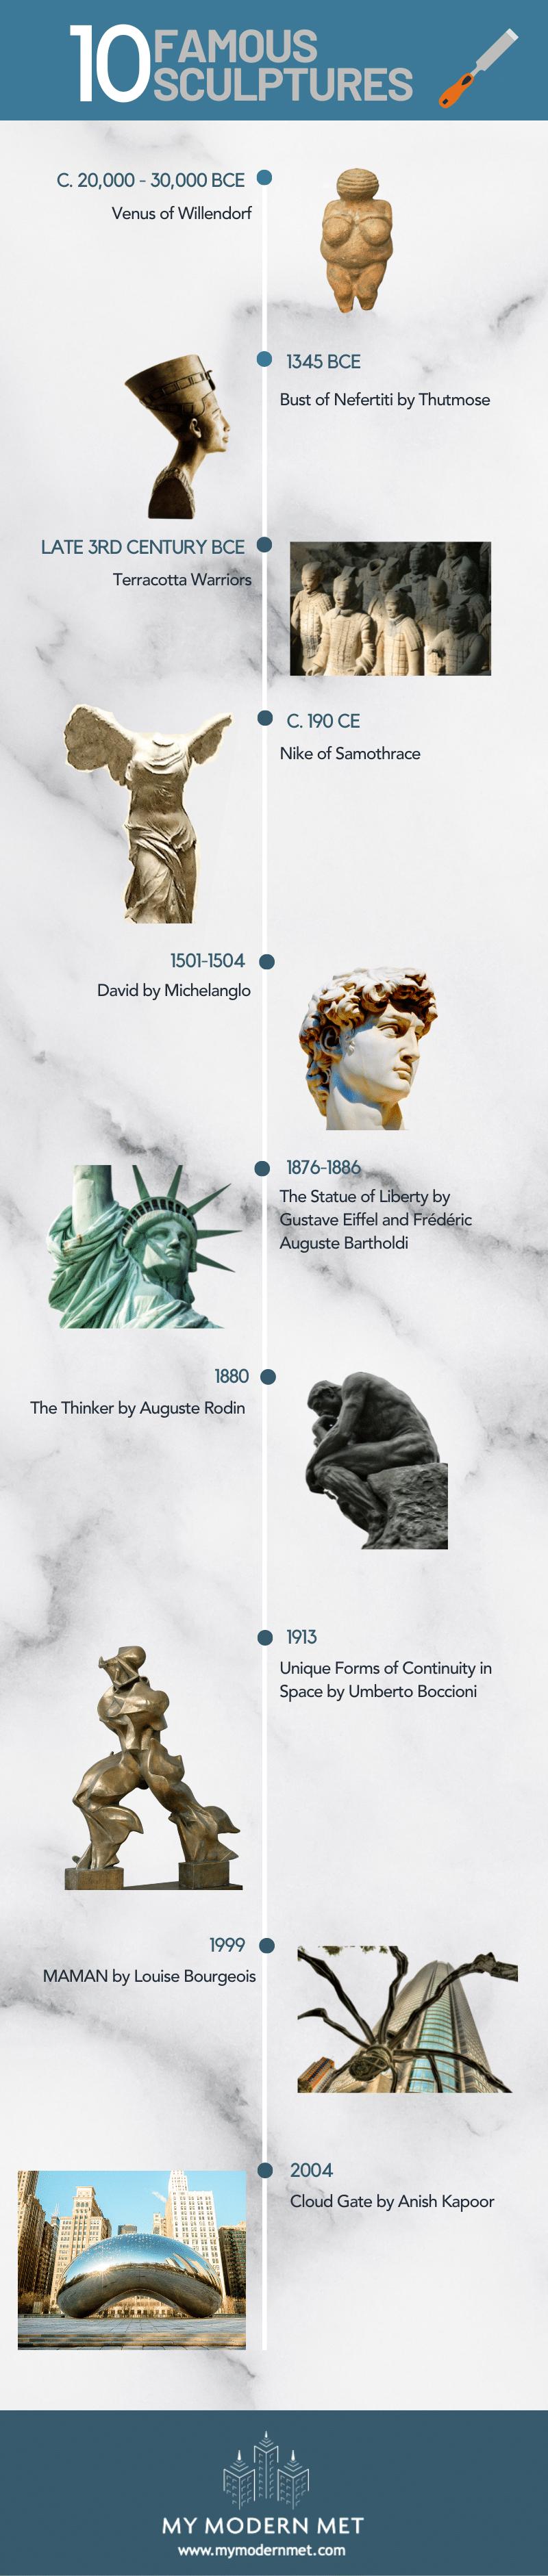 Famous Sculpture Infographic